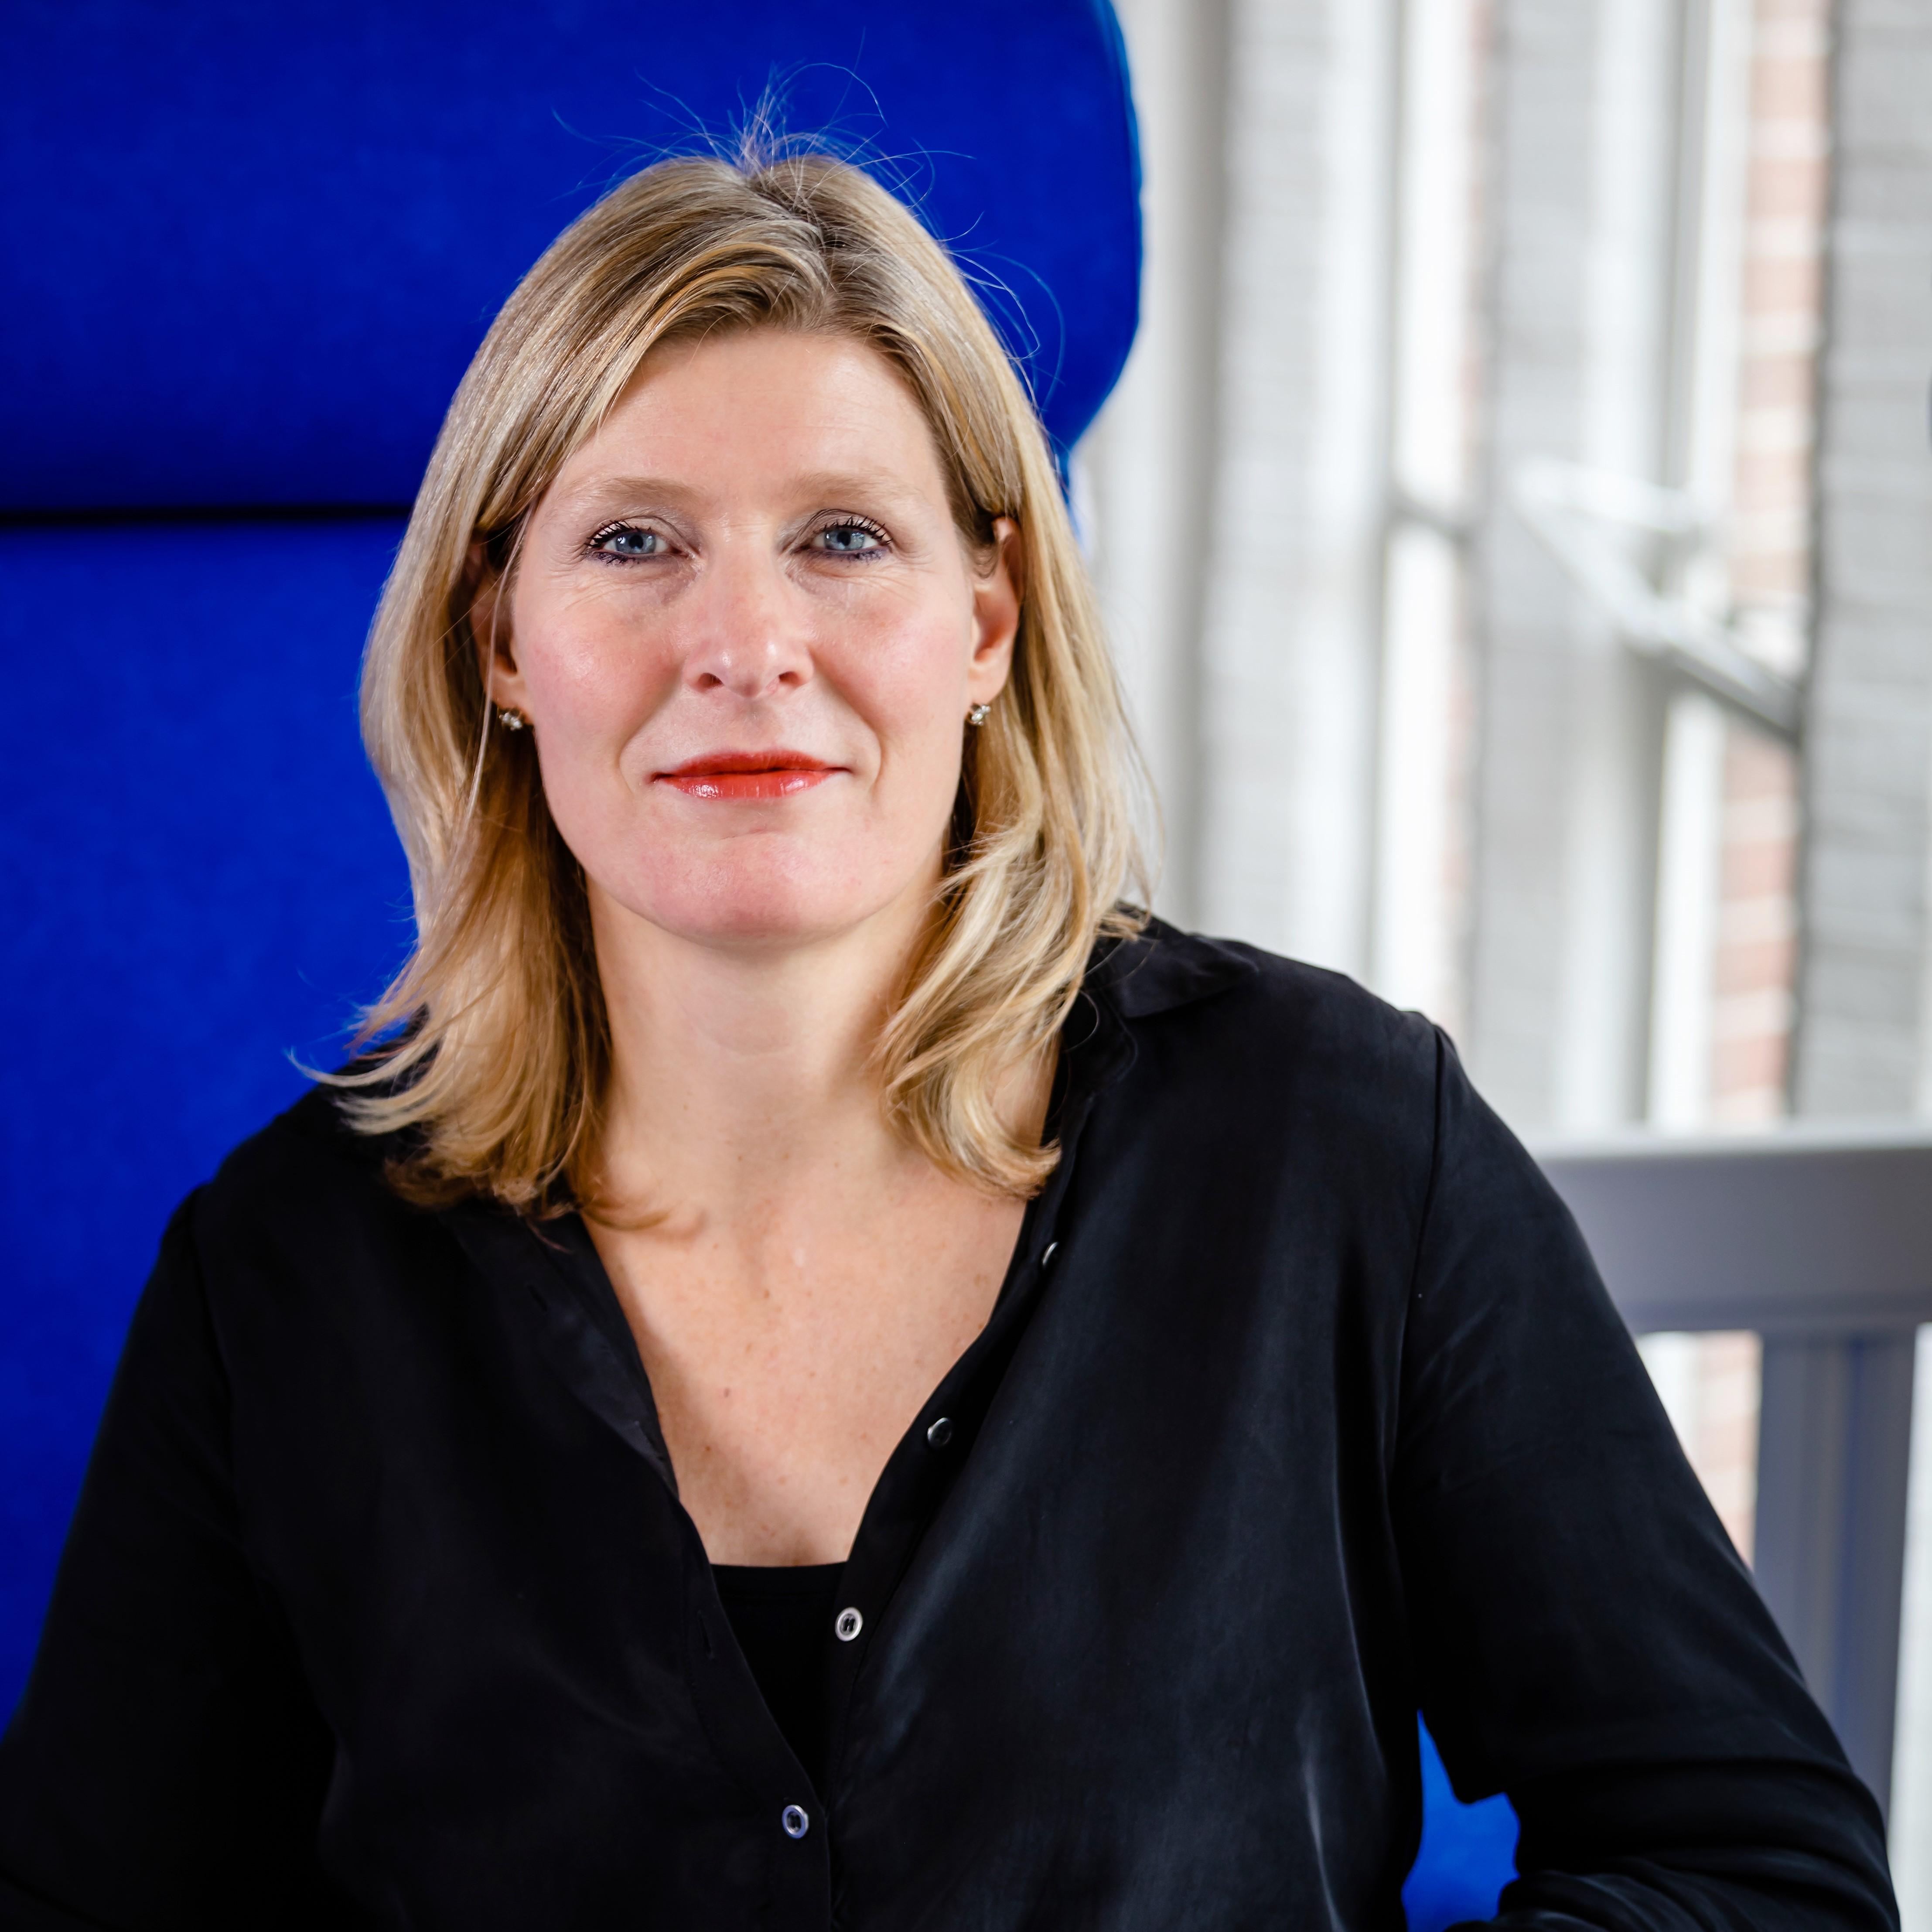 Dianne Roeterdink